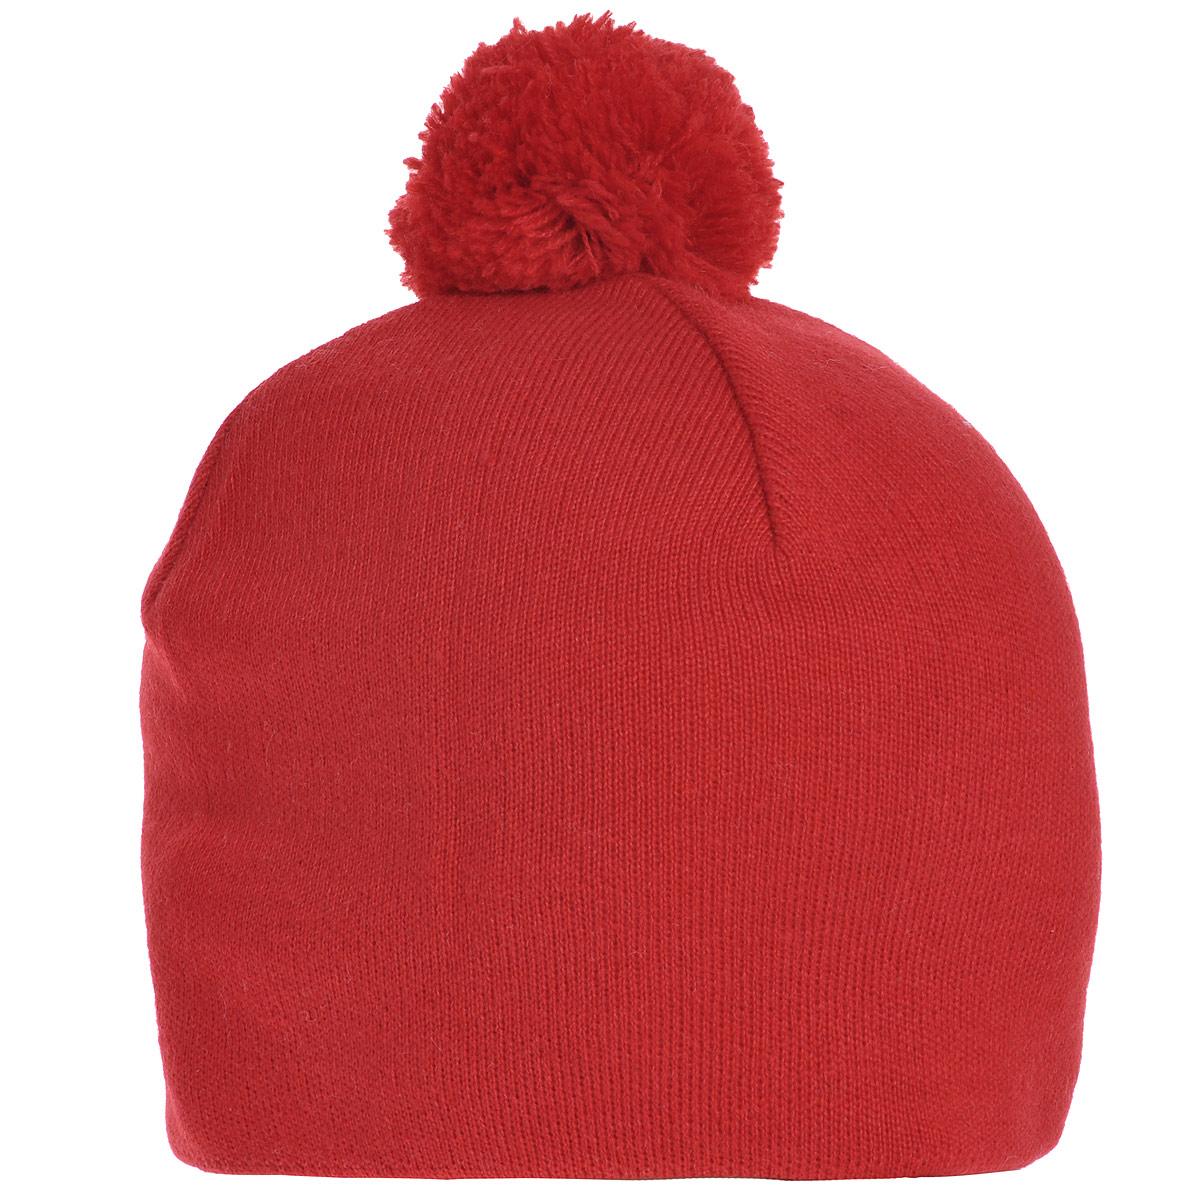 Шапка4447Мужская шапка Marhatter выполнена из шерсти и полиакрила, подкладка - из мягкого флиса. Шапка превосходно сохраняет тепло, мягкая и идеально прилегает к голове. Шапка оформлена небольшим помпоном.